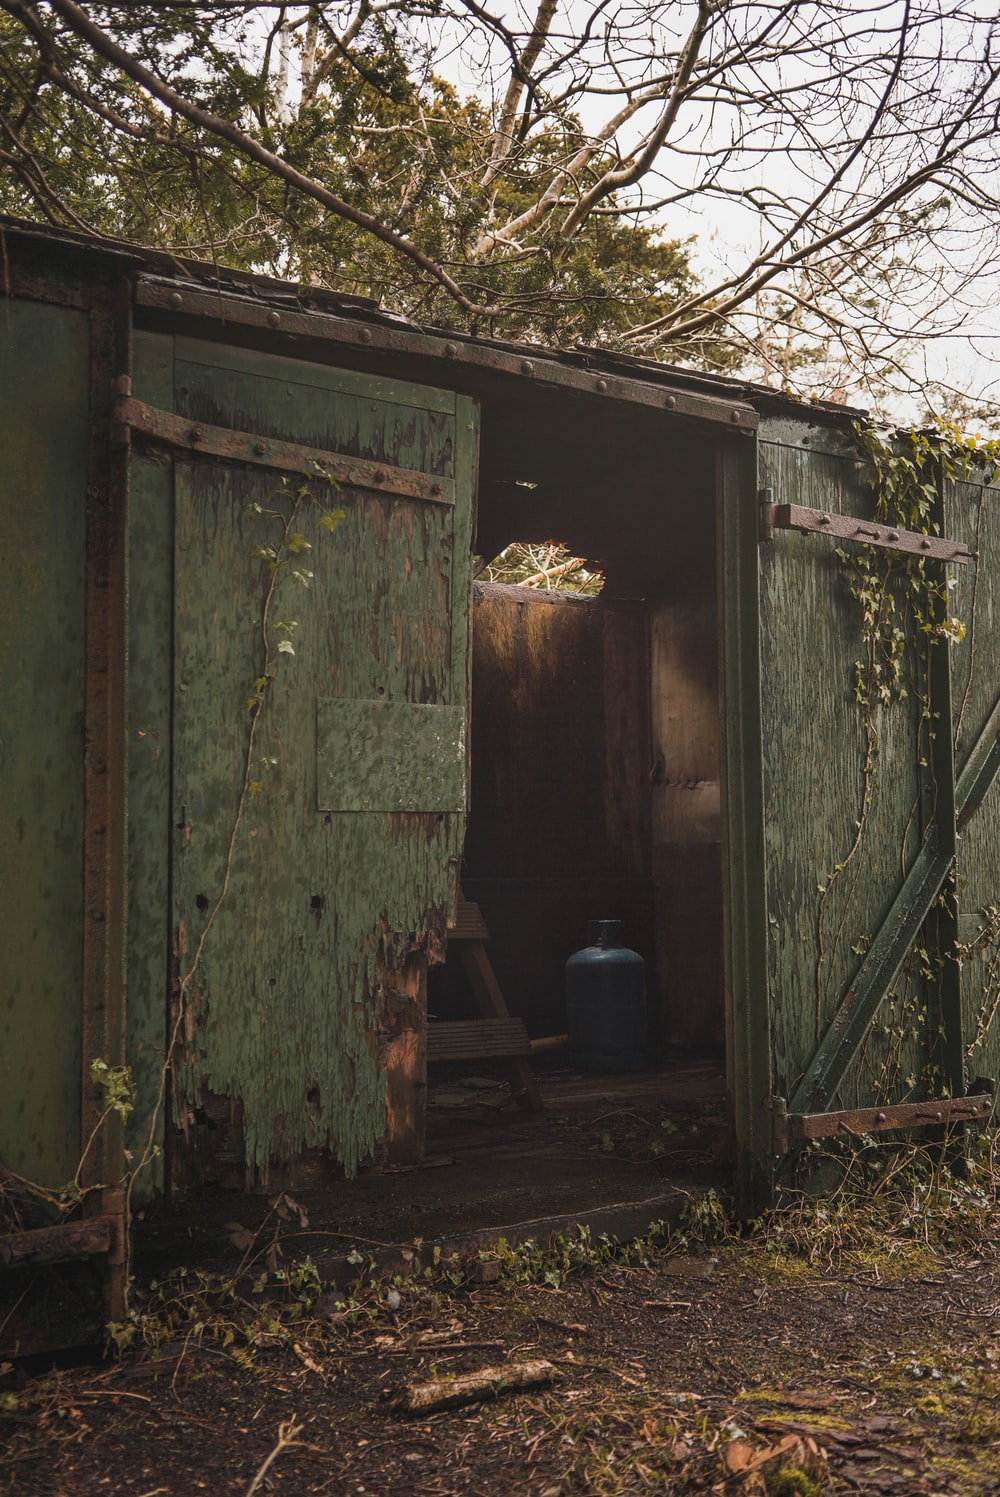 green wooden door near blue plastic container